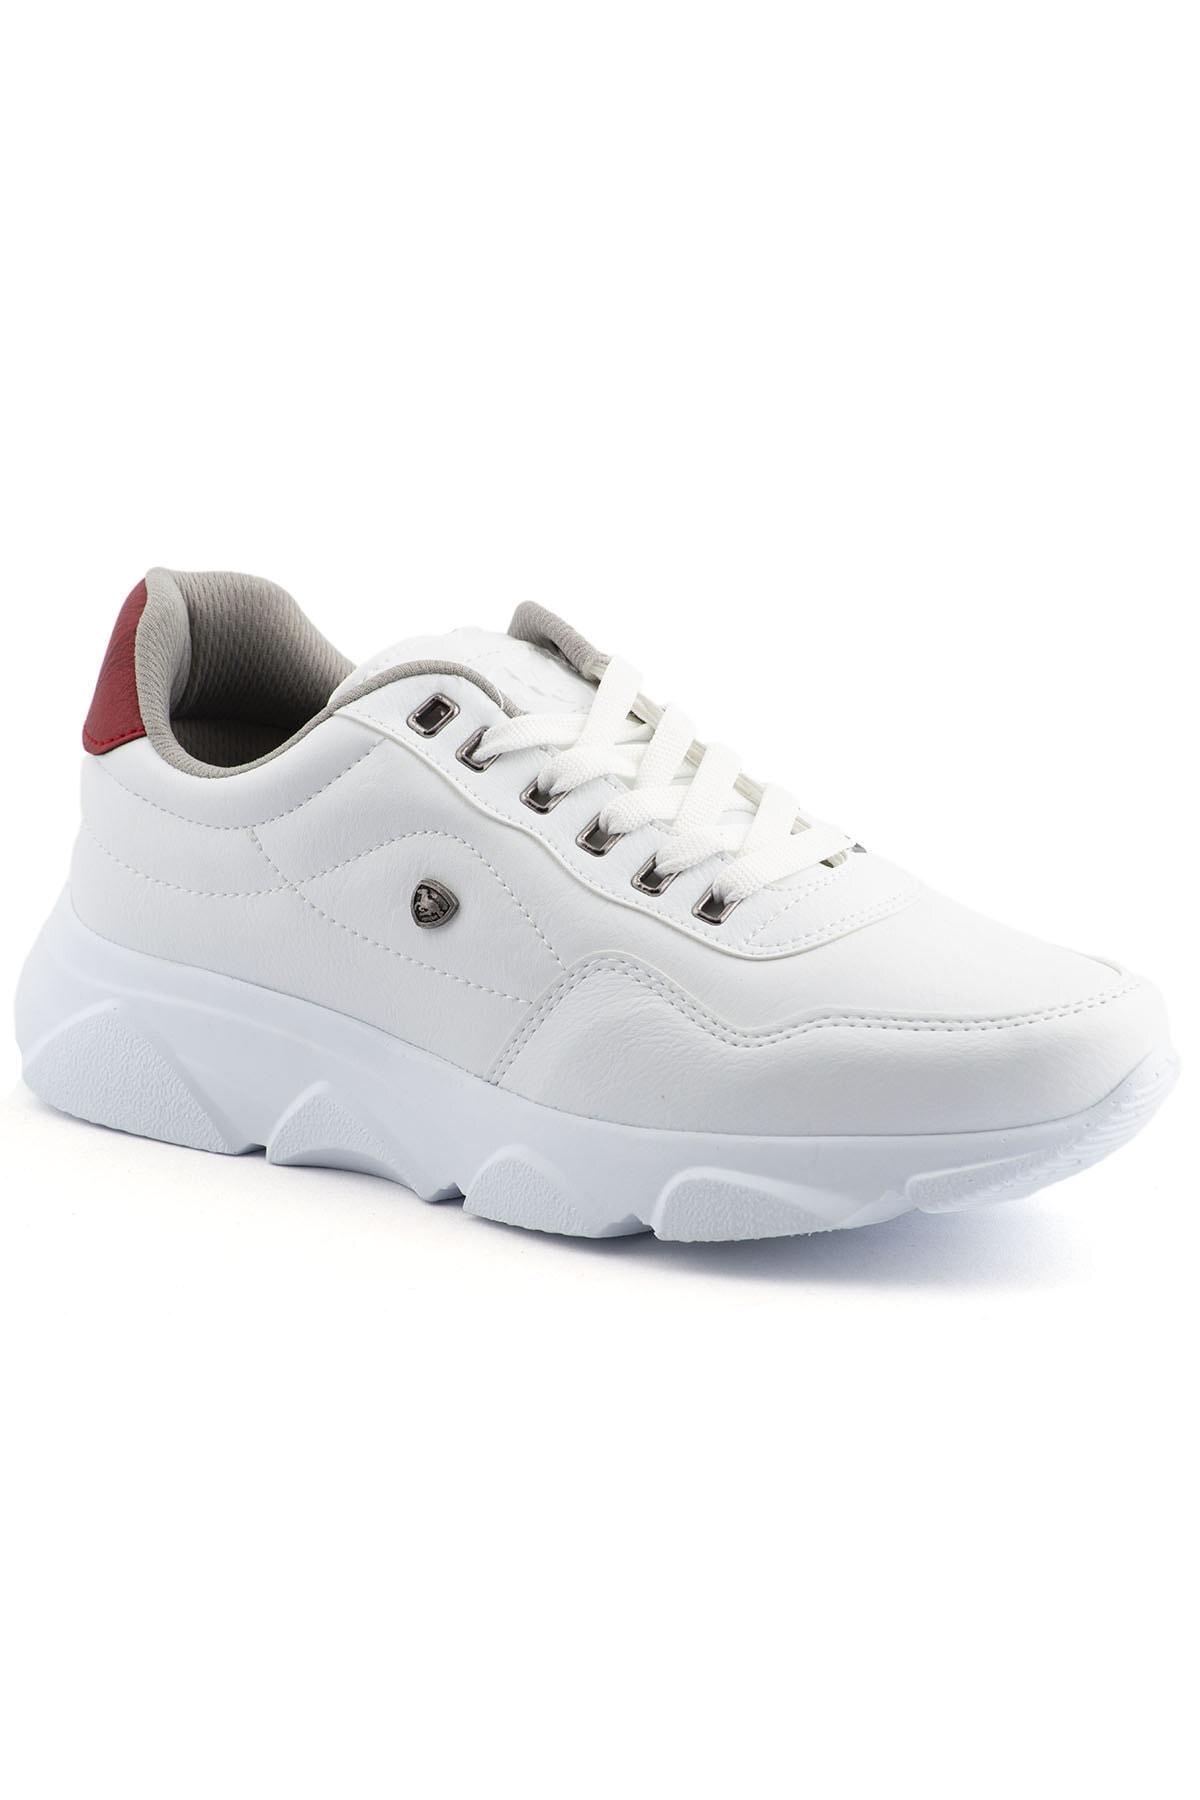 L.A Polo 019 Beyaz Beyaz Erkek Spor Ayakkabı 1